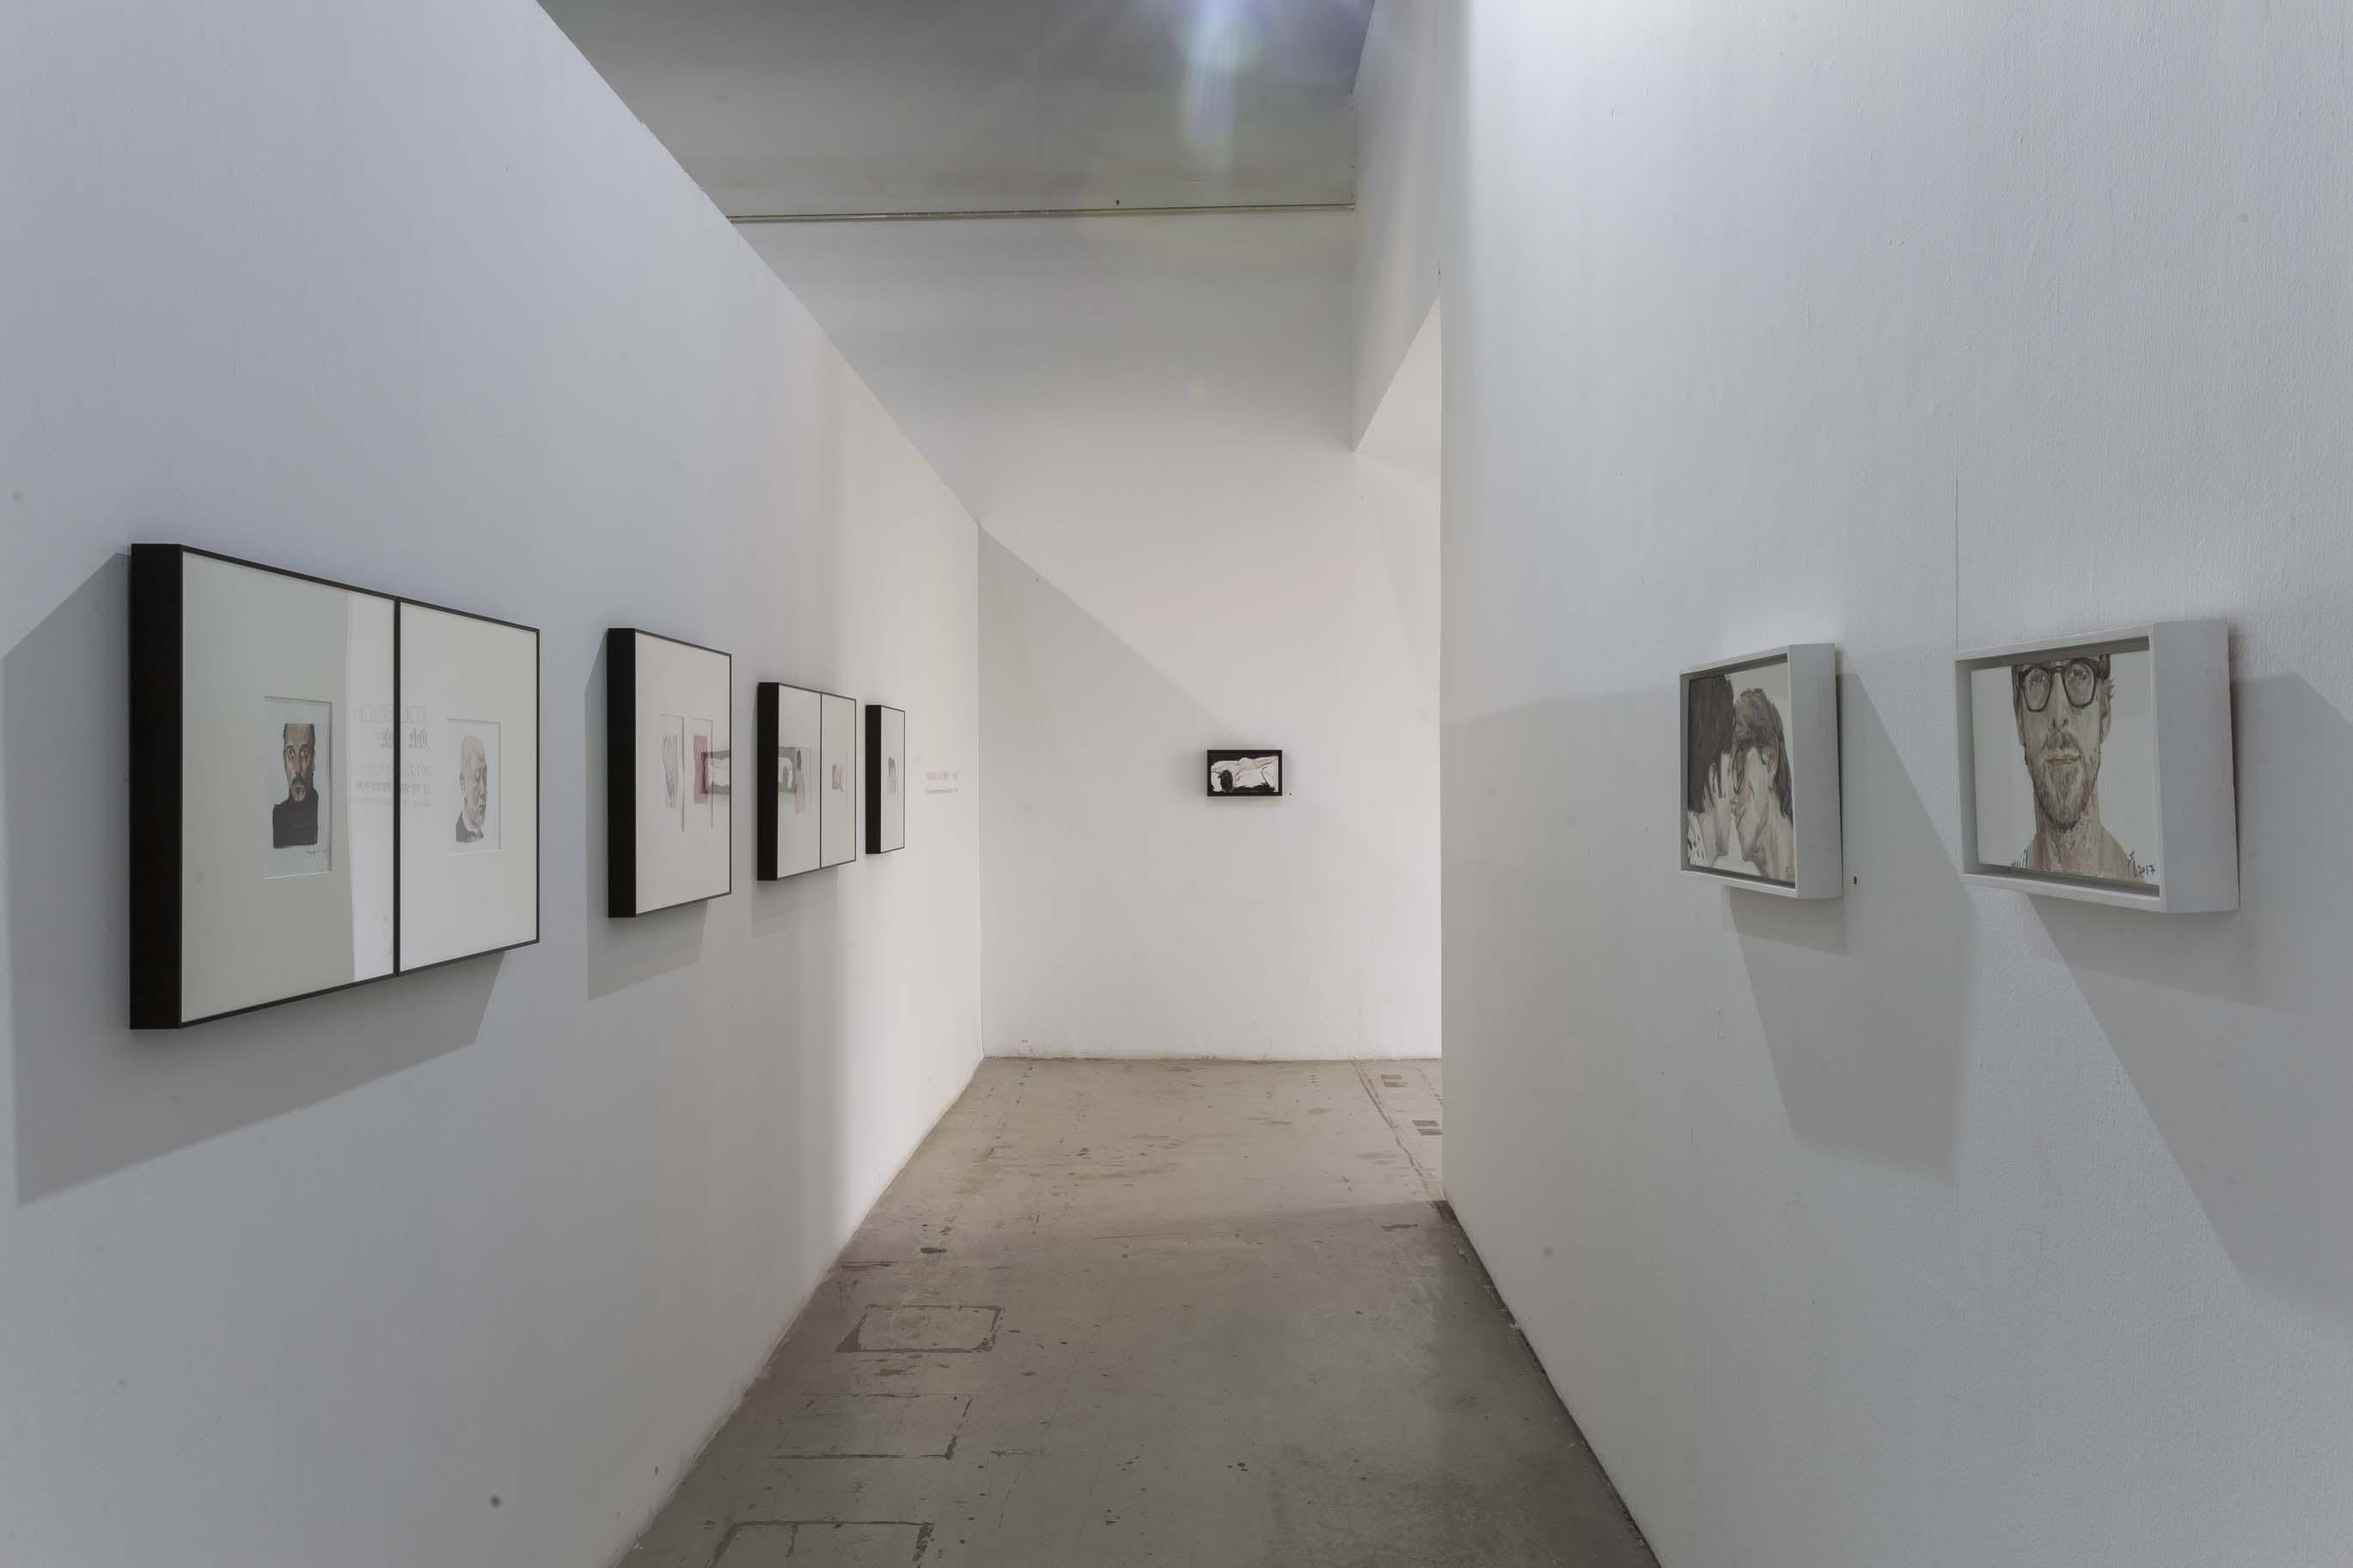 展览现场   Exhibition Site